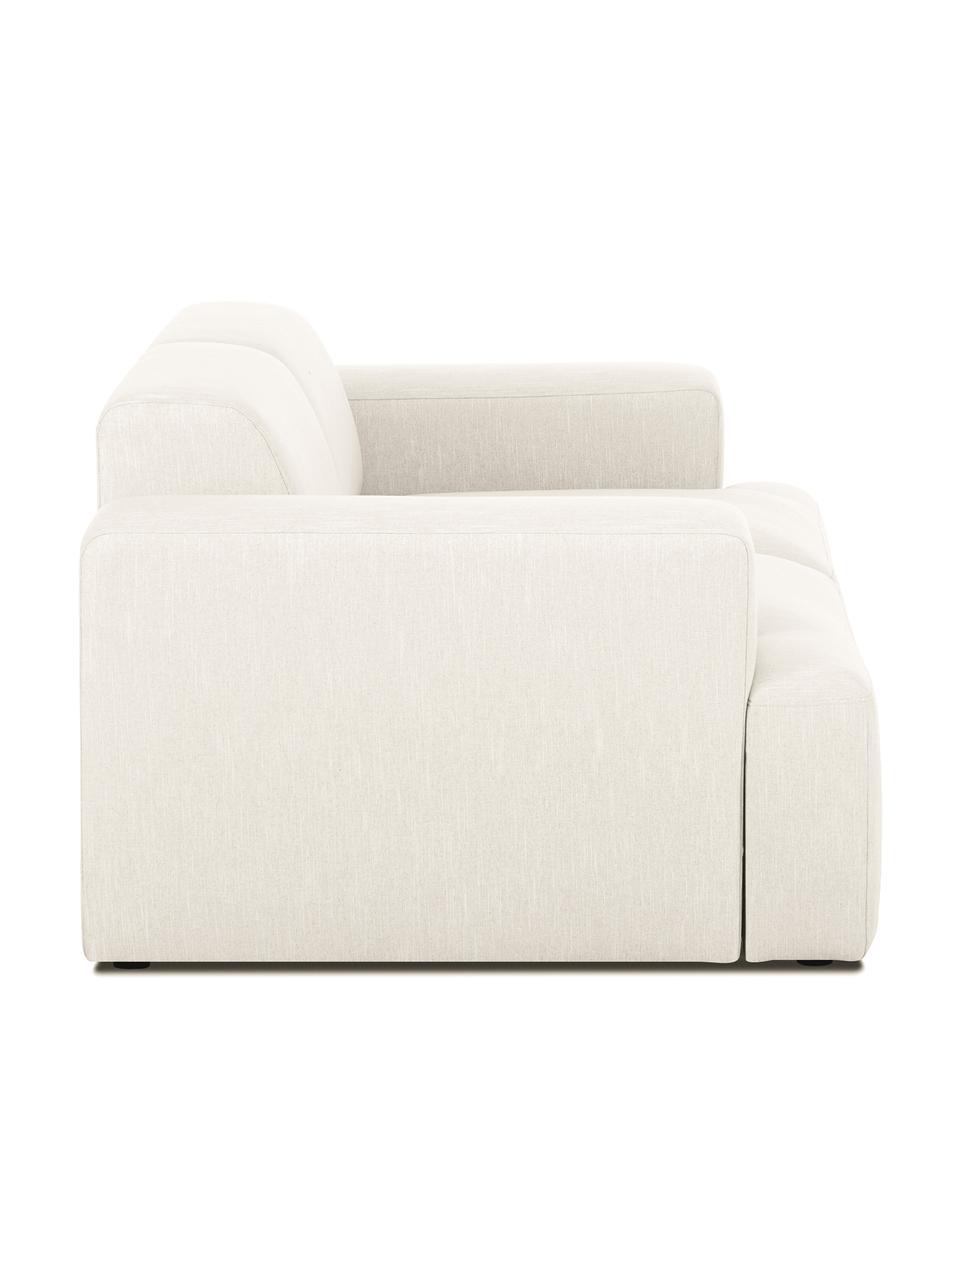 Canapé 2places beige Melva, Tissu beige